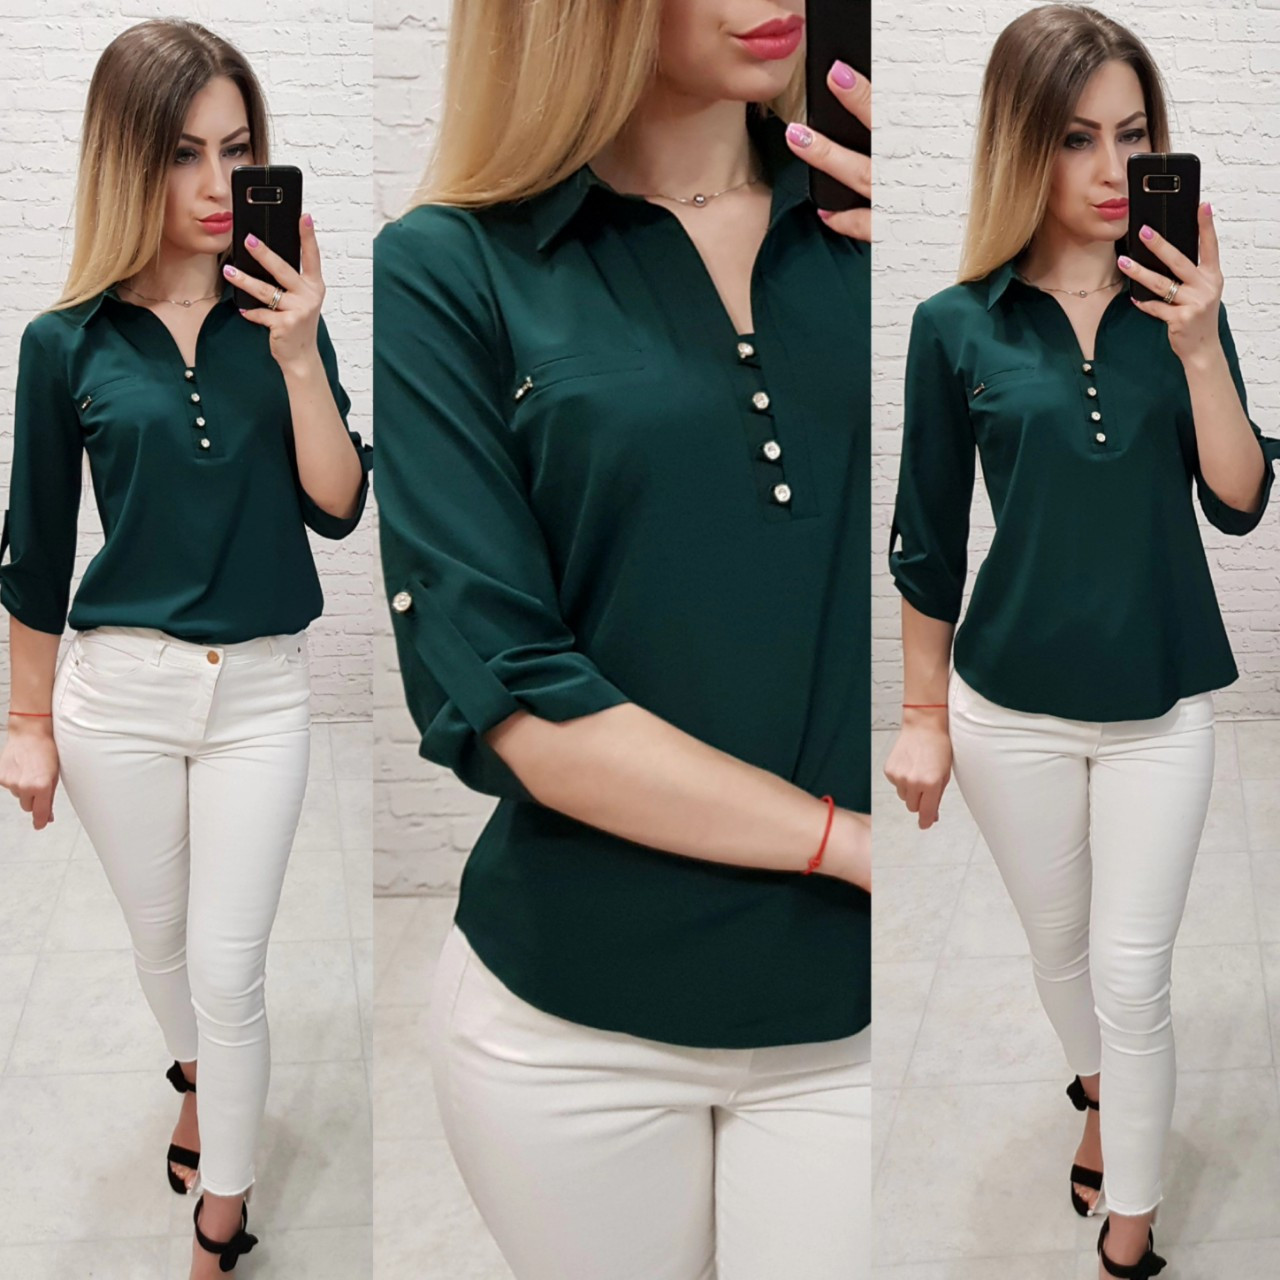 c236ee2a071 Рубашка   блуза   блузка арт. 828 темно зелёного   зелёный - Интернет  магазин женской